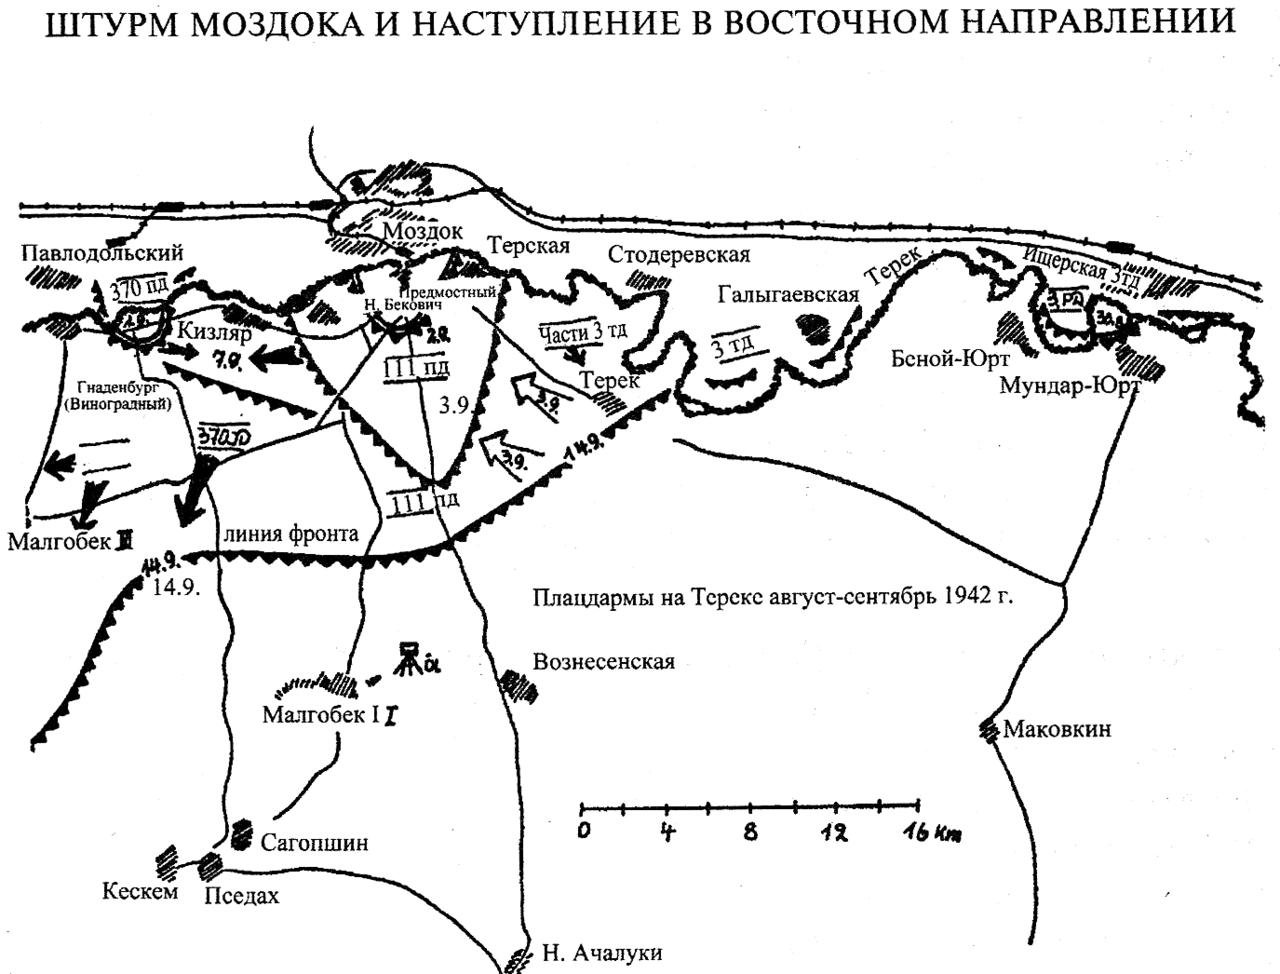 момента зачисления фото карты немецкие боев моздокского района твердая порода, которую